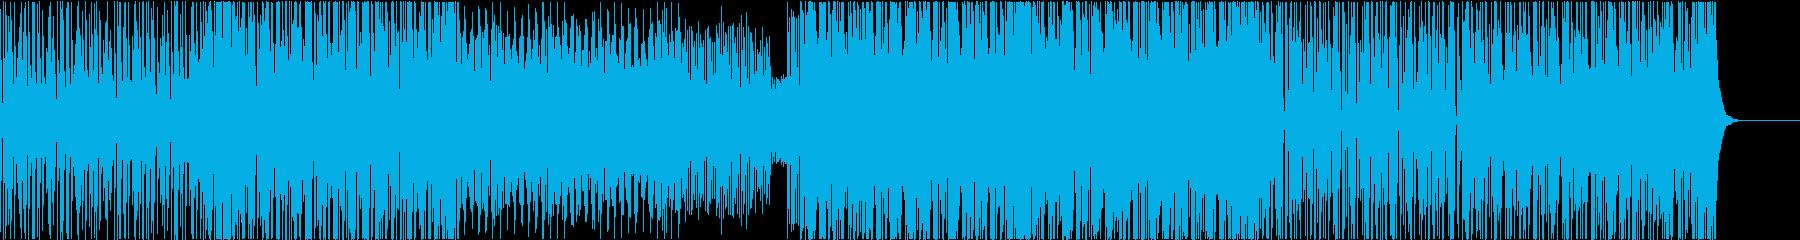 EDM トロピカル レゲエ 楽しいの再生済みの波形